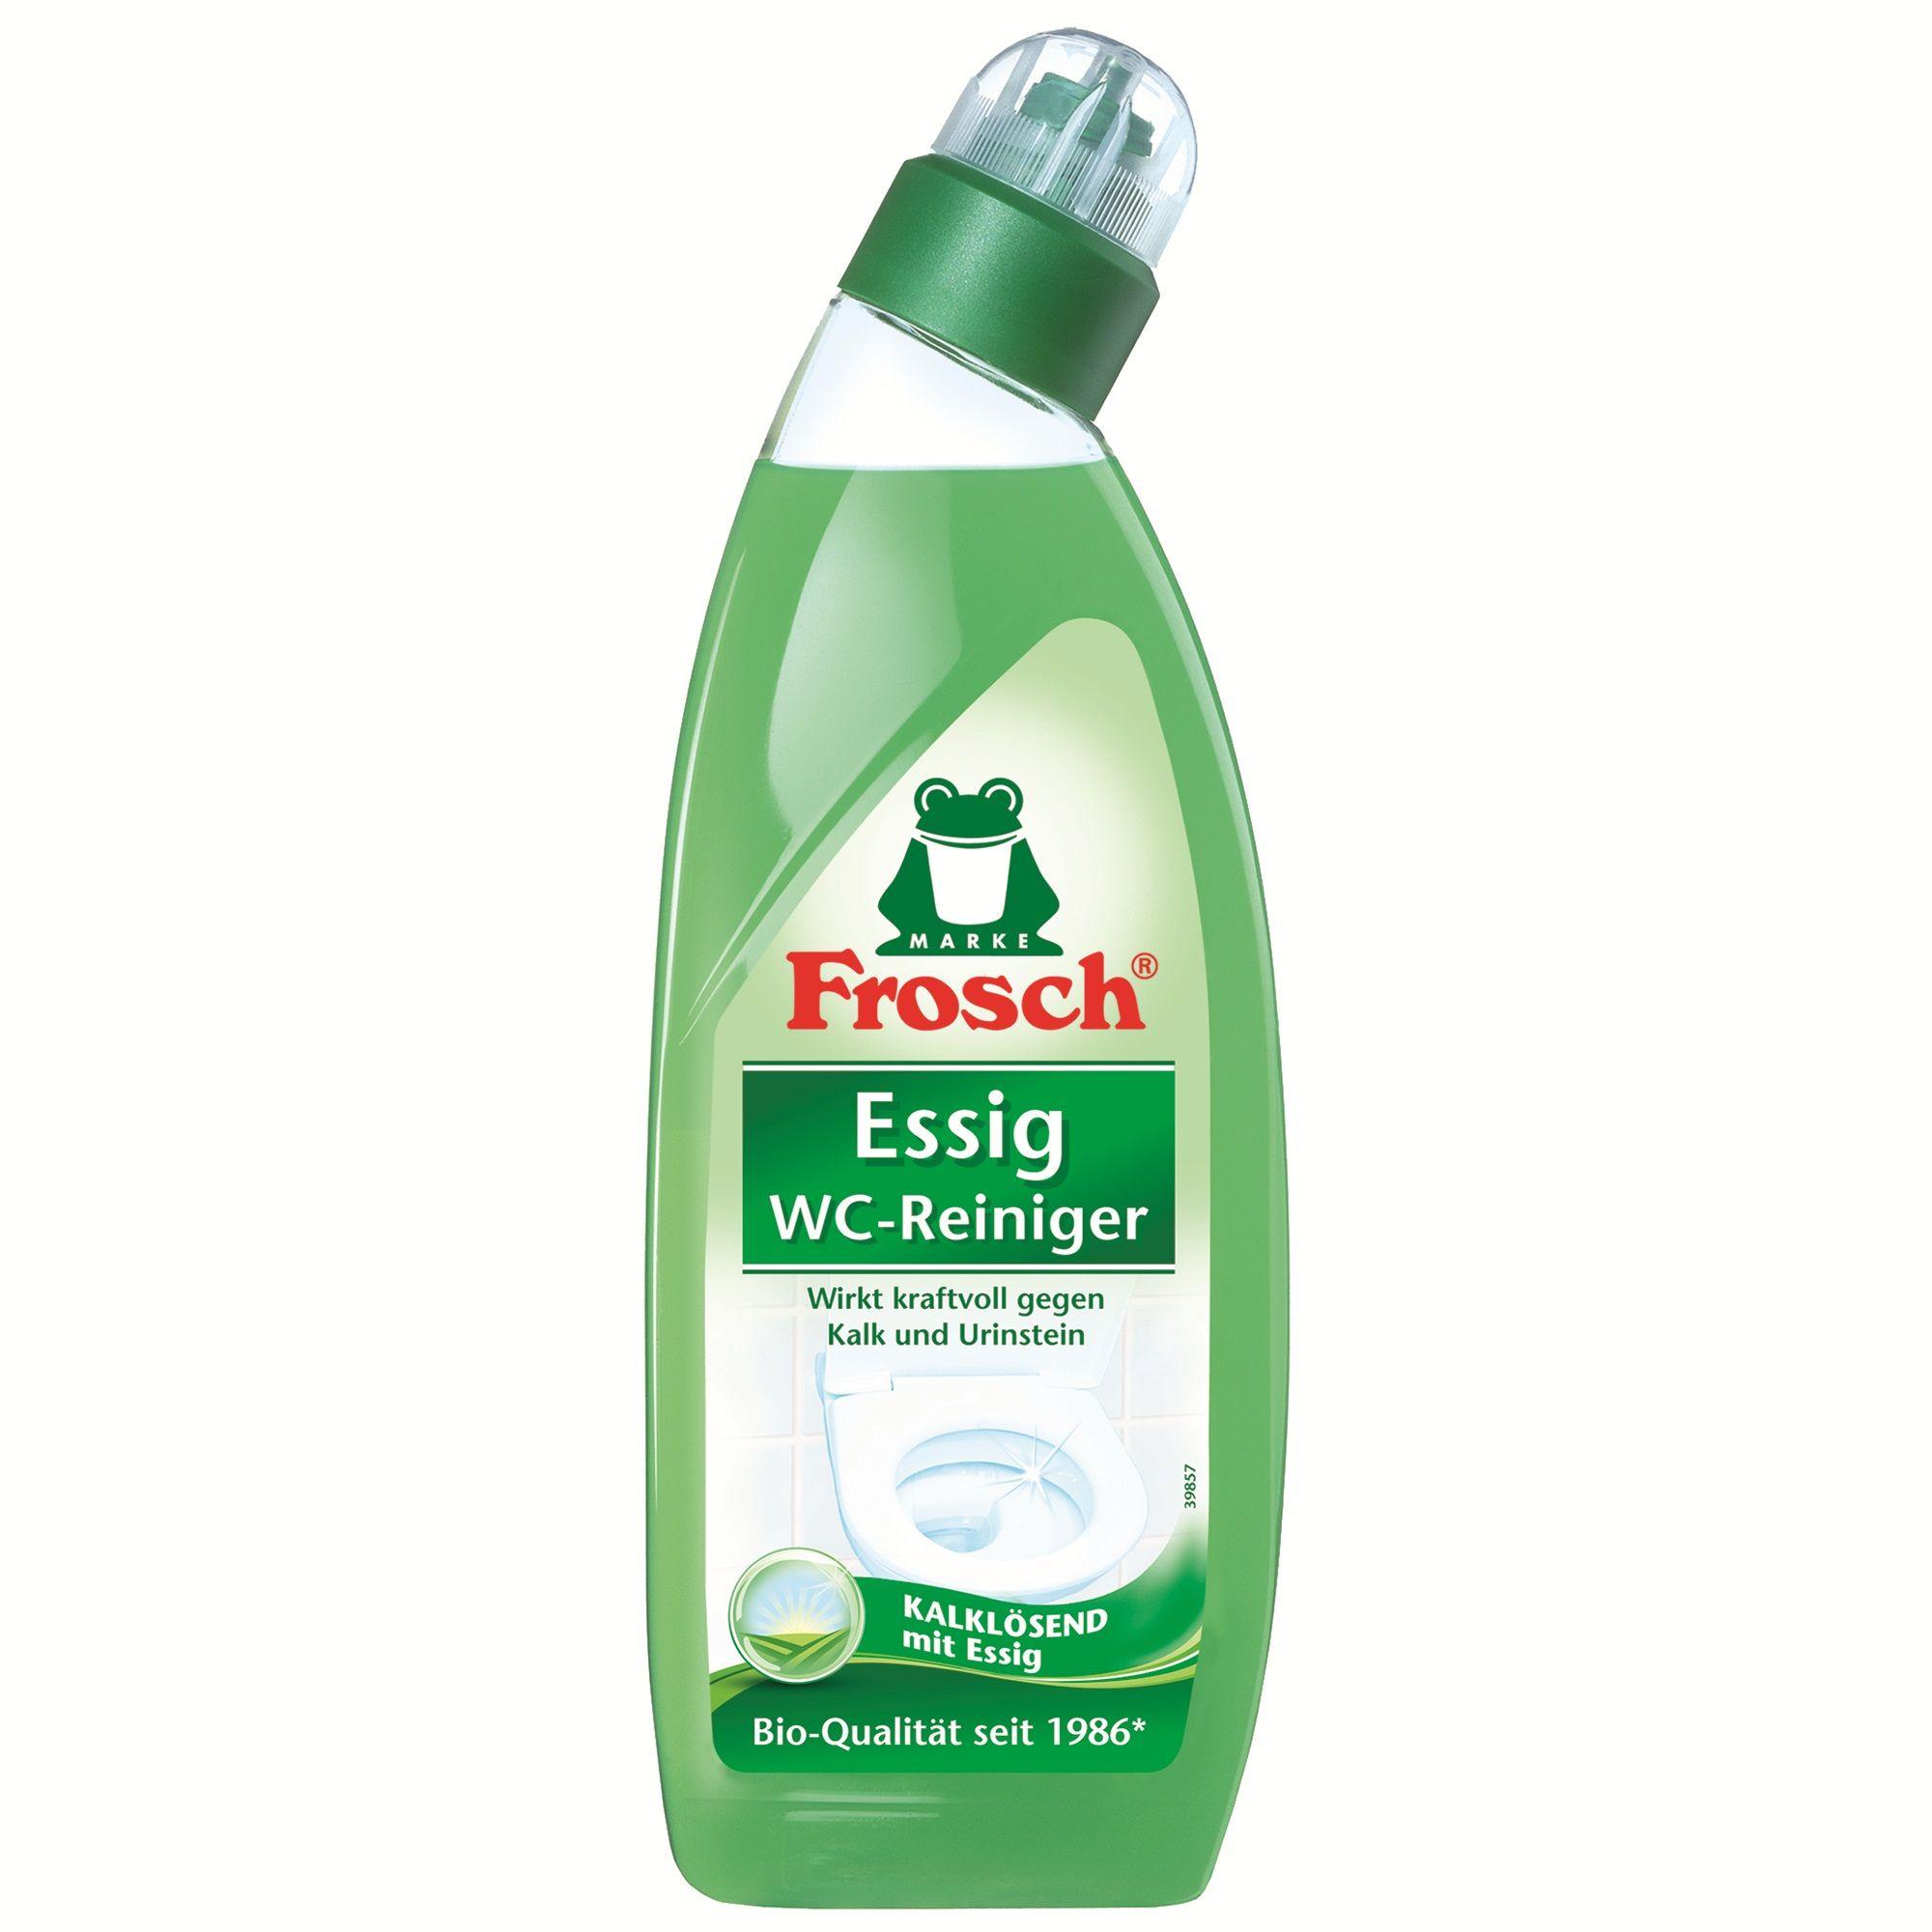 پاک کننده سرویس بهداشتی سرکه فراش Frosch 750ml